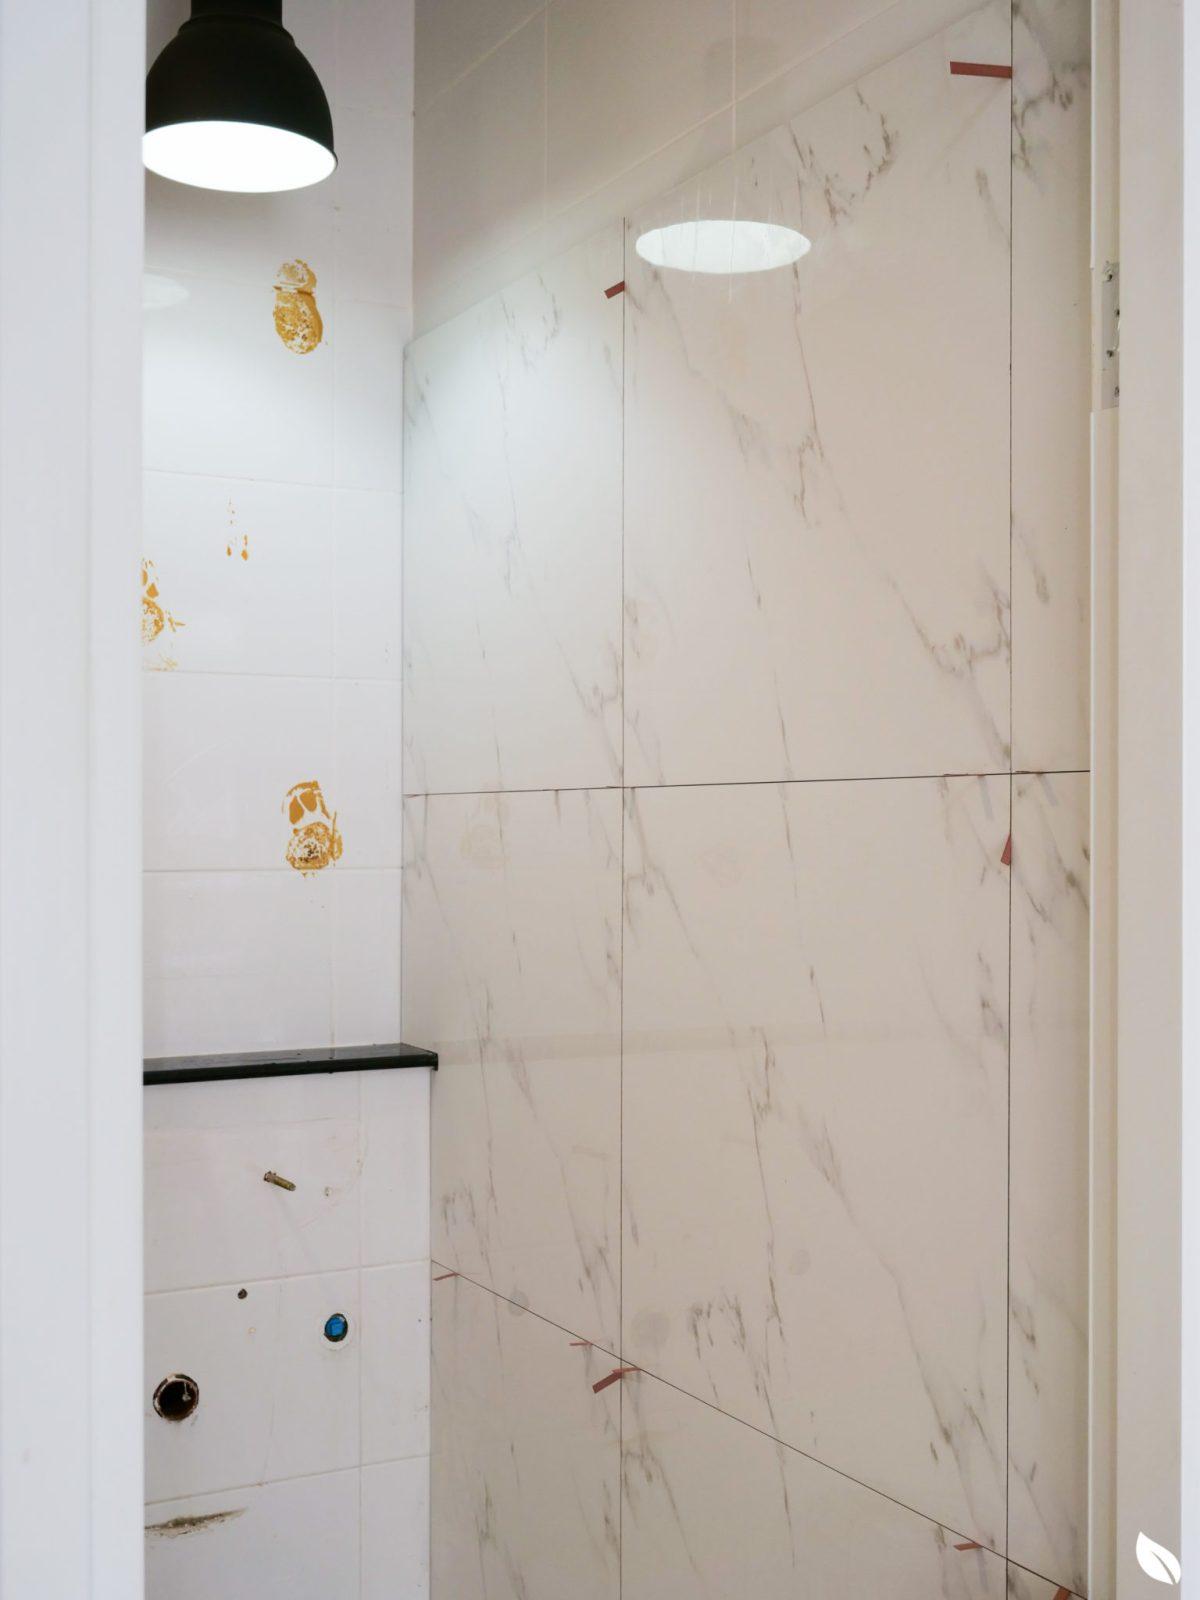 """4 ขั้นตอน """"รีโนเวทห้องน้ำขนาดเล็ก"""" ให้สวยใหม่ จบงานไวใน 2 วัน แบบปูกระเบื้องทับ ไม่ต้องรื้อ 40 - bathroom"""